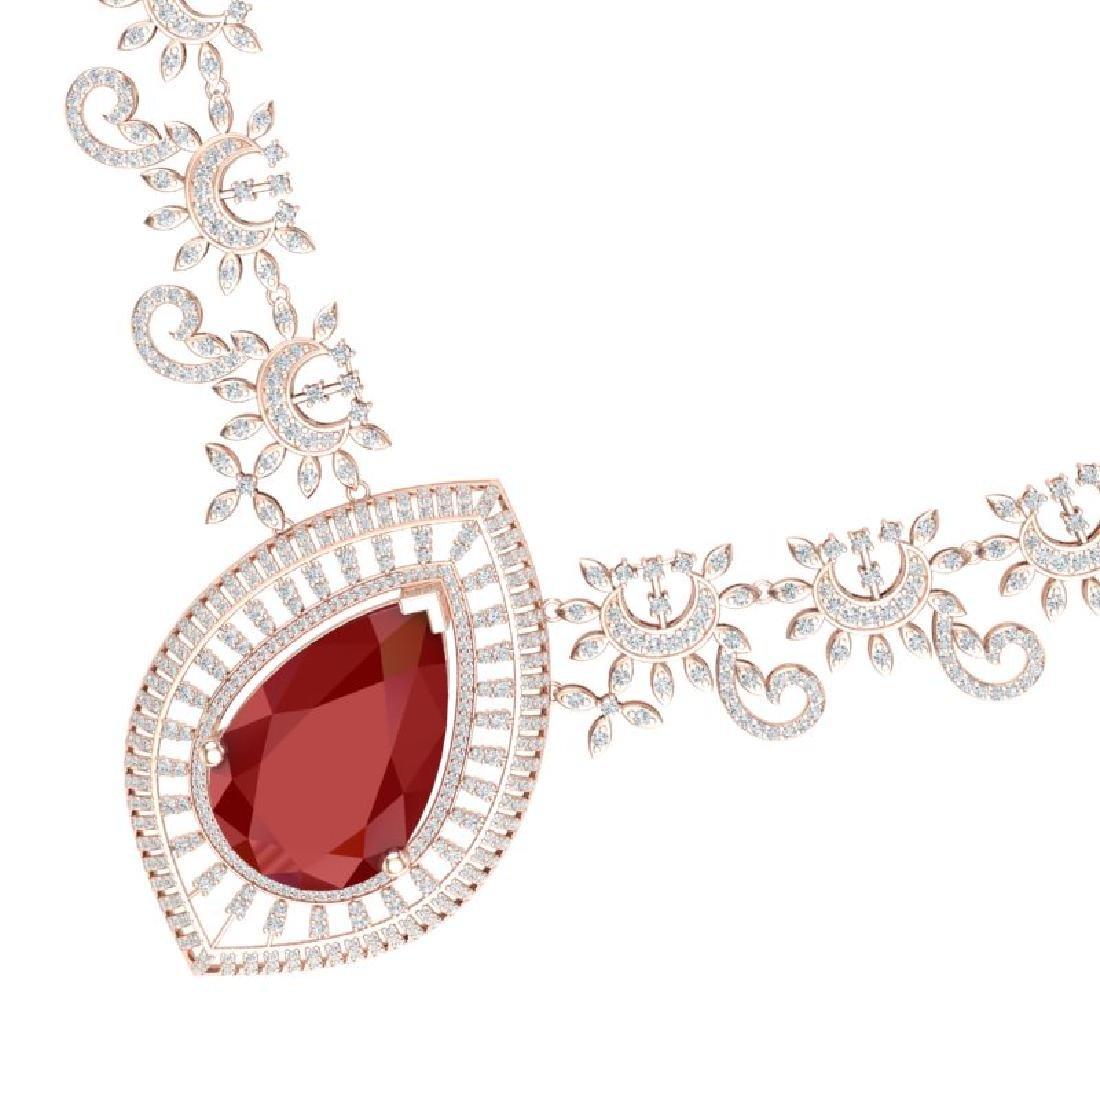 65.75 CTW Royalty Ruby & VS Diamond Necklace 18K Rose